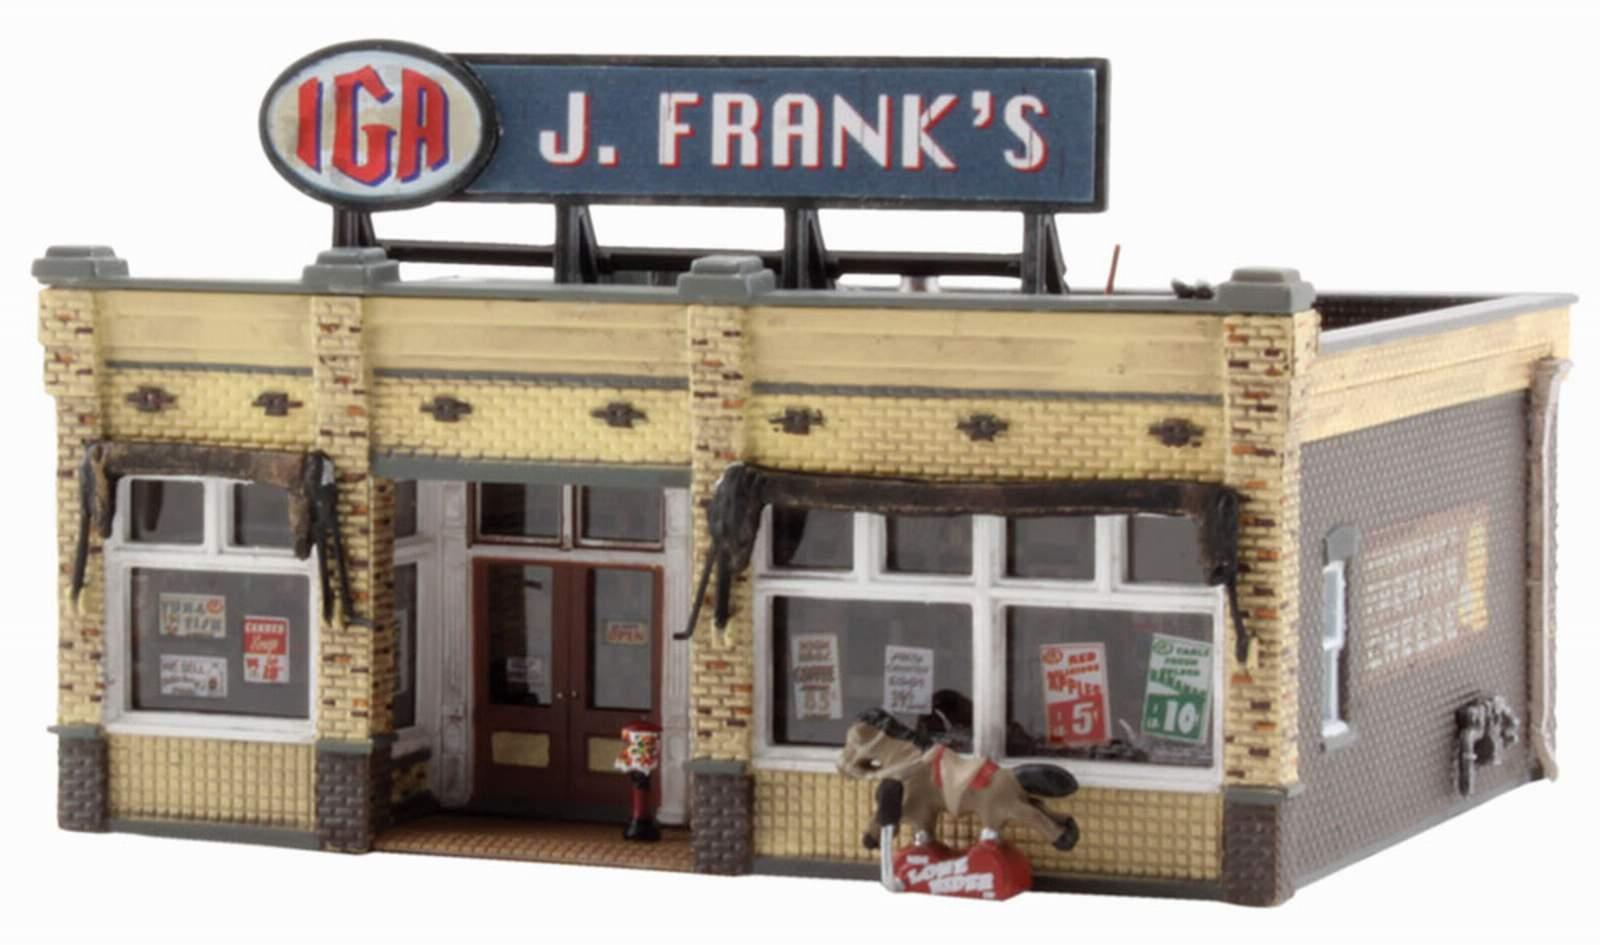 garantizado Woodland Scenics construido y listo J. Frank's abarrojoes edificio escala escala escala n  Nuevos productos de artículos novedosos.